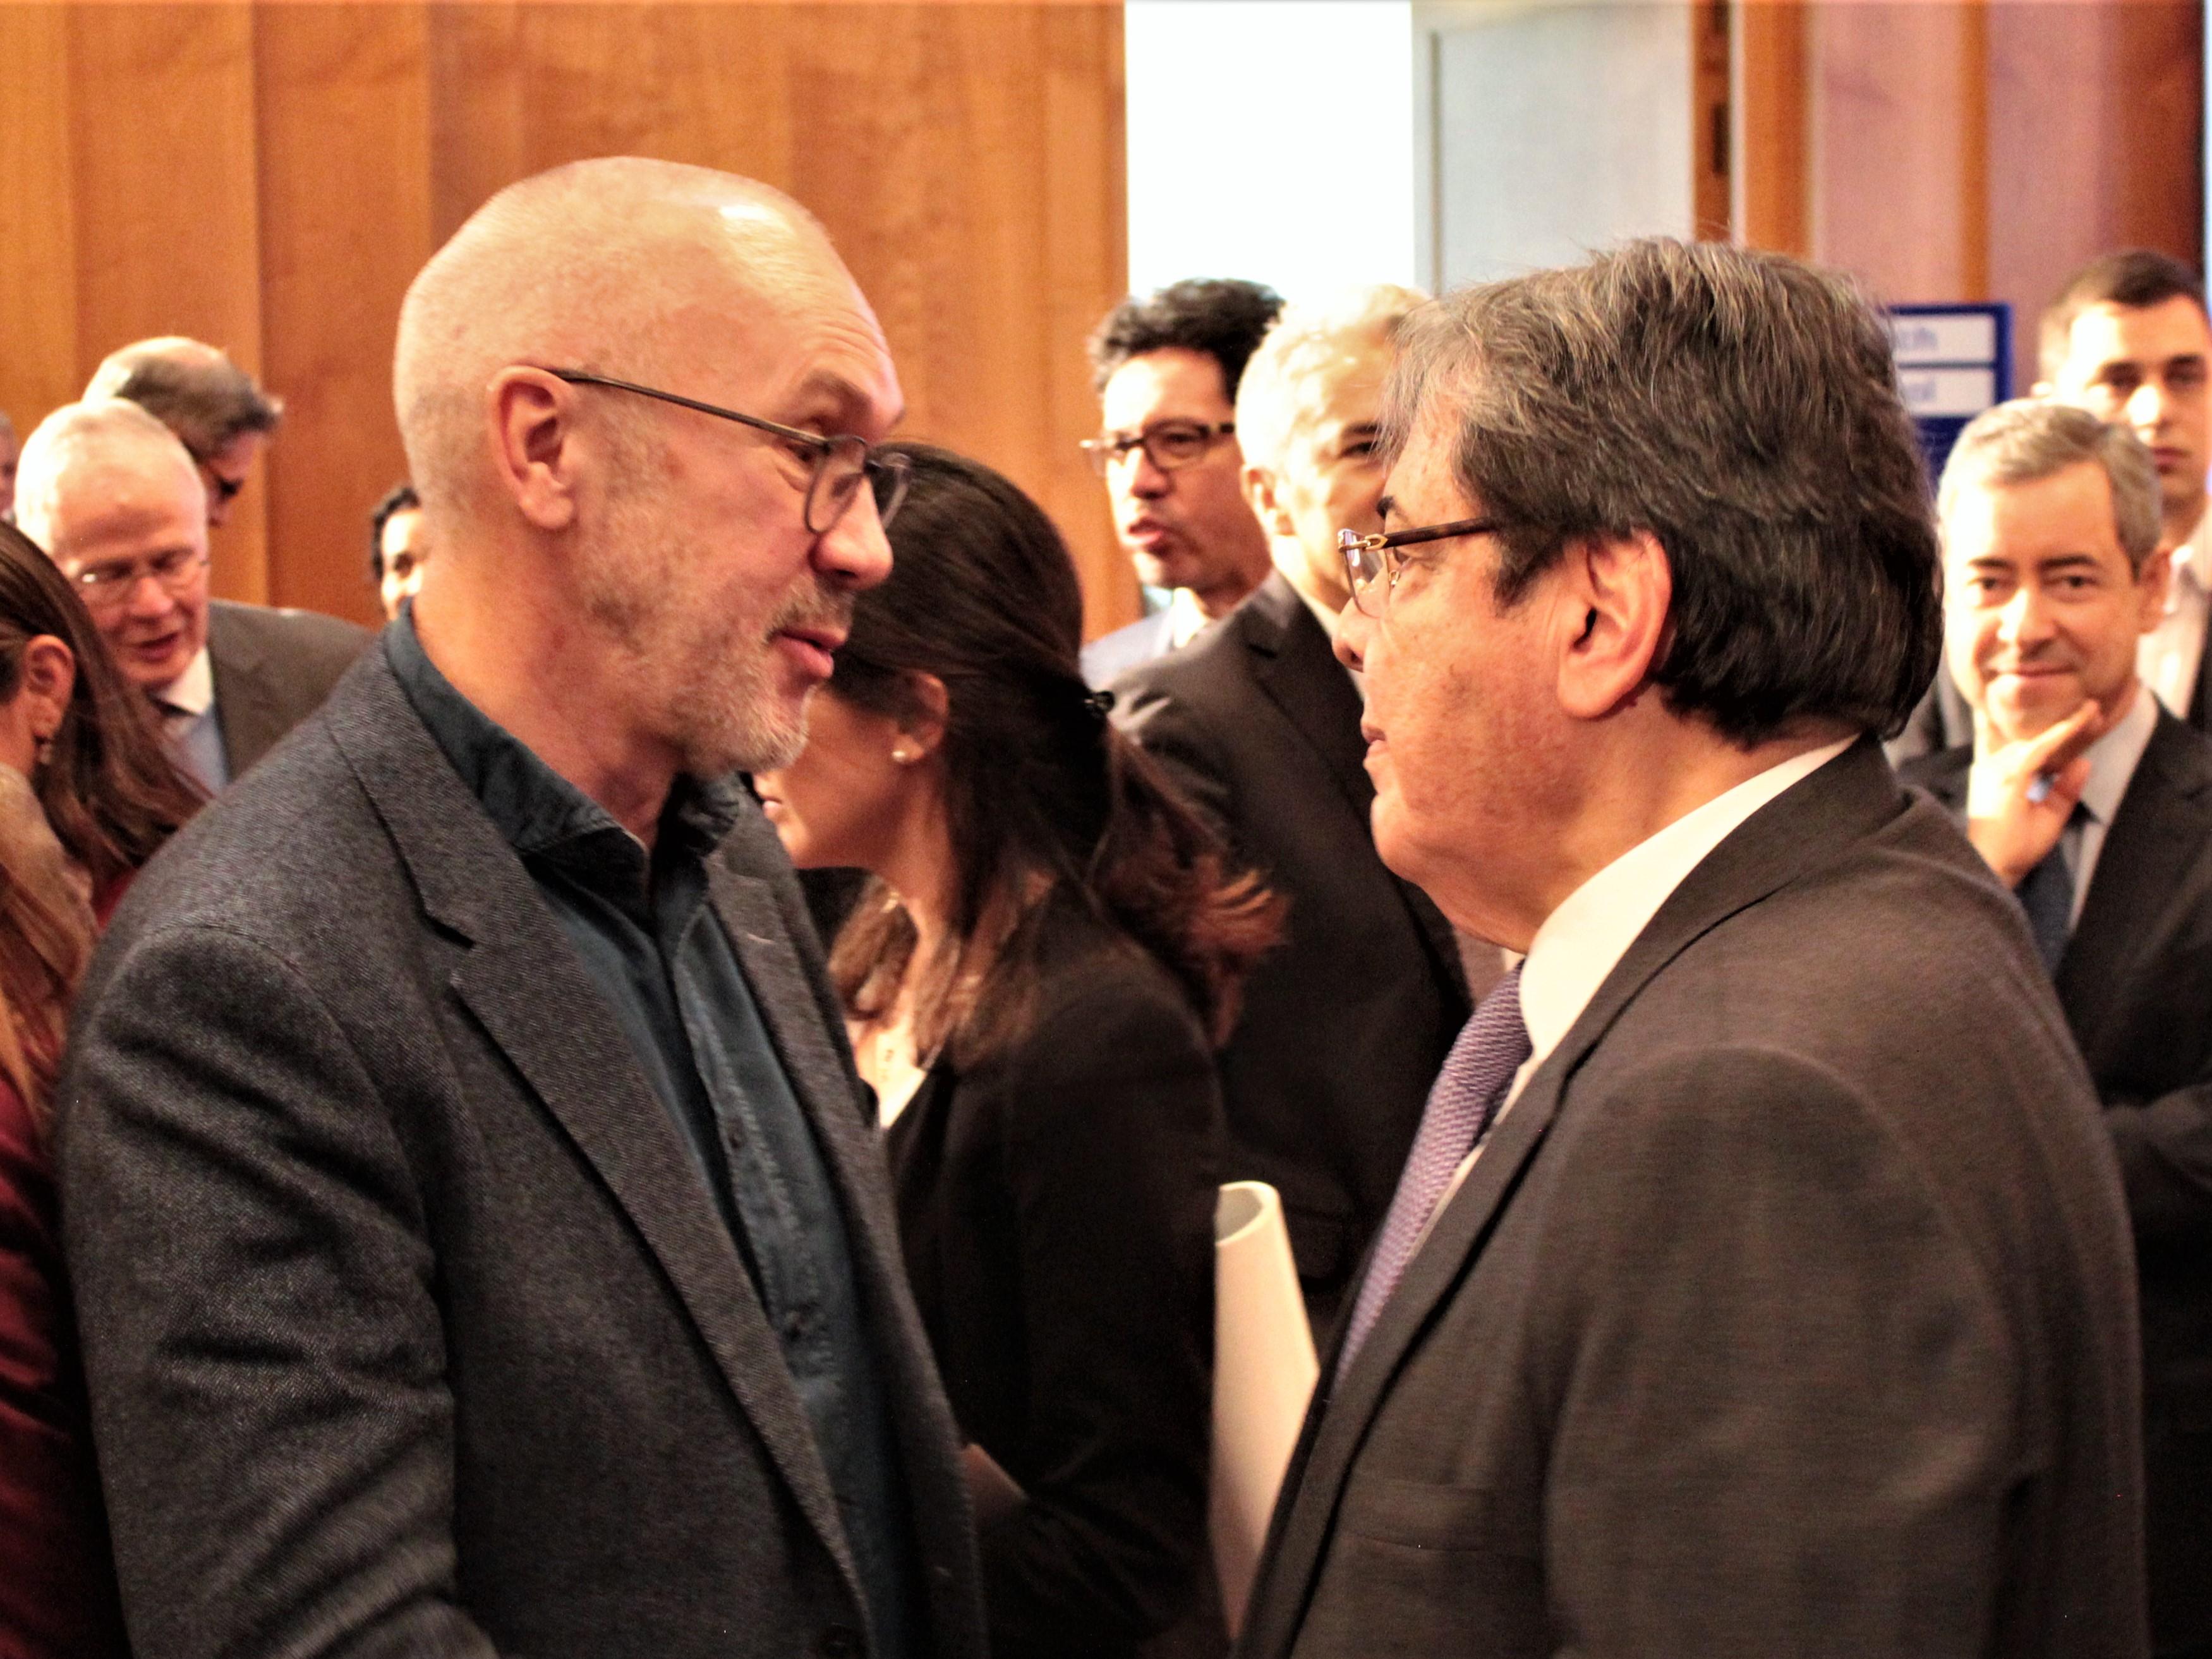 Harry Assenmacher, Gründer und Geschäftsführer von ForestFinance (links), und Kolumbiens Außenminister Carlos Holmes Trujillo im Gespräch nach der Podiumsdiskussion. Foto: Jan Fockele